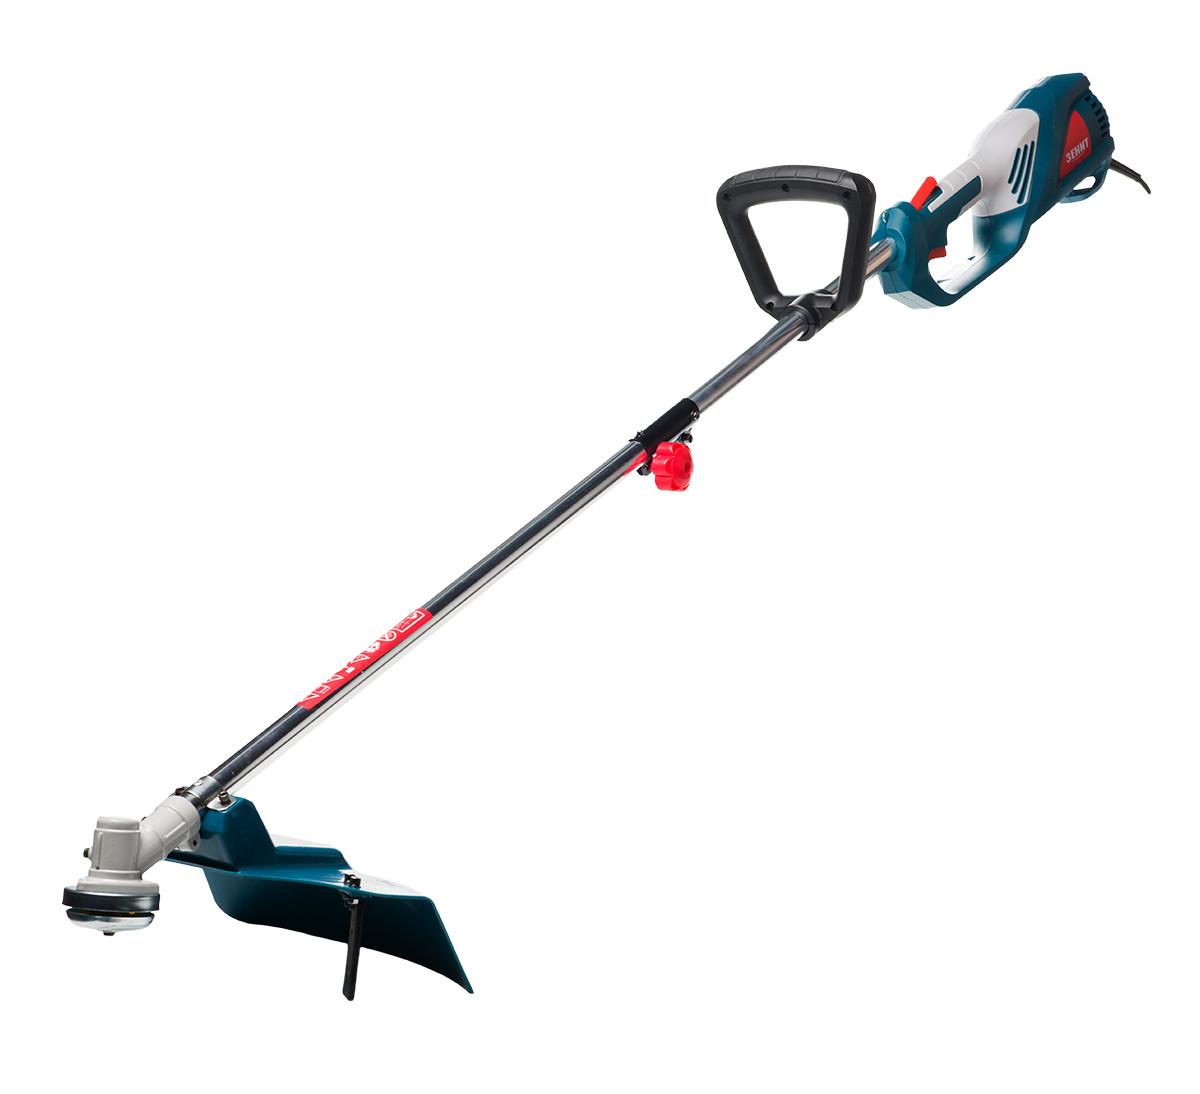 Триммер садовый электрический ЗТС-1450 840554